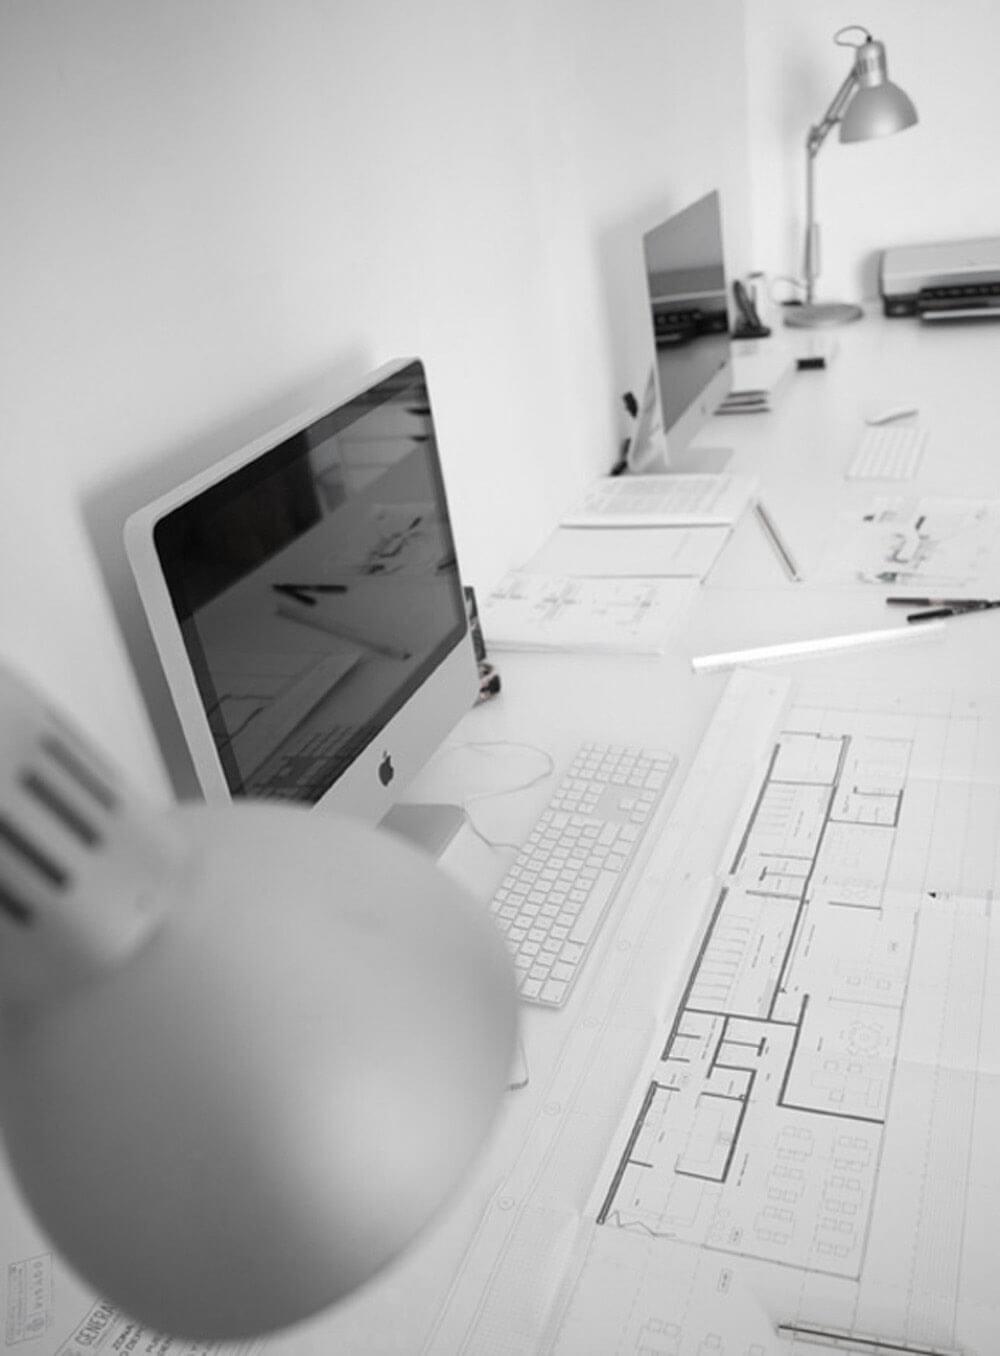 Estudio de Arquitectura Alicante. Arquitecto Alicante. Arquitectos Altea. Arquitectos Dénia. Arquitectos Jávea. Obras y Proyectos